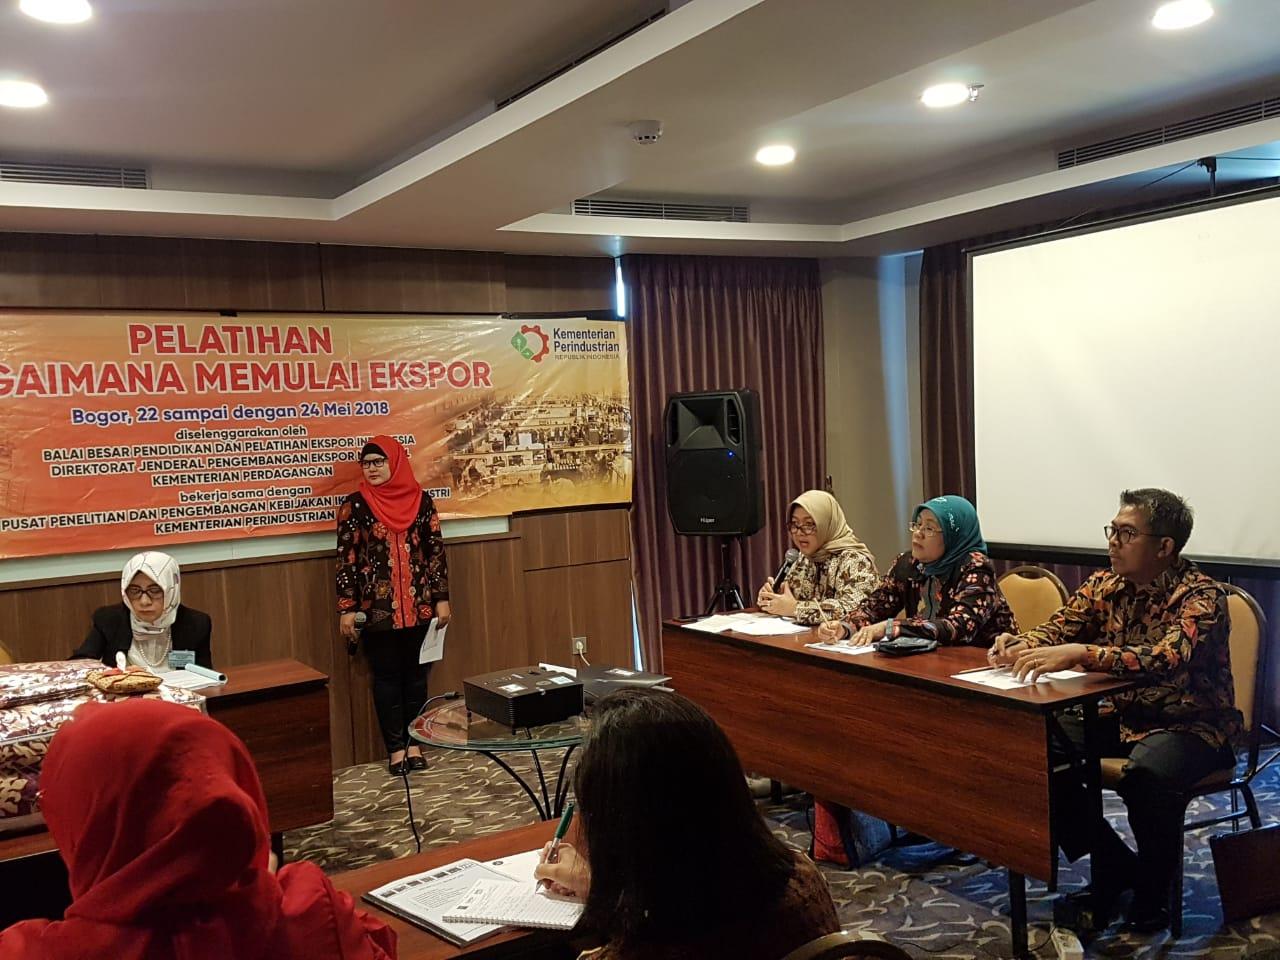 Pelatihan Bagaimana Memulai Ekspor di Bogor tanggal 22 – 24 Mei 2018